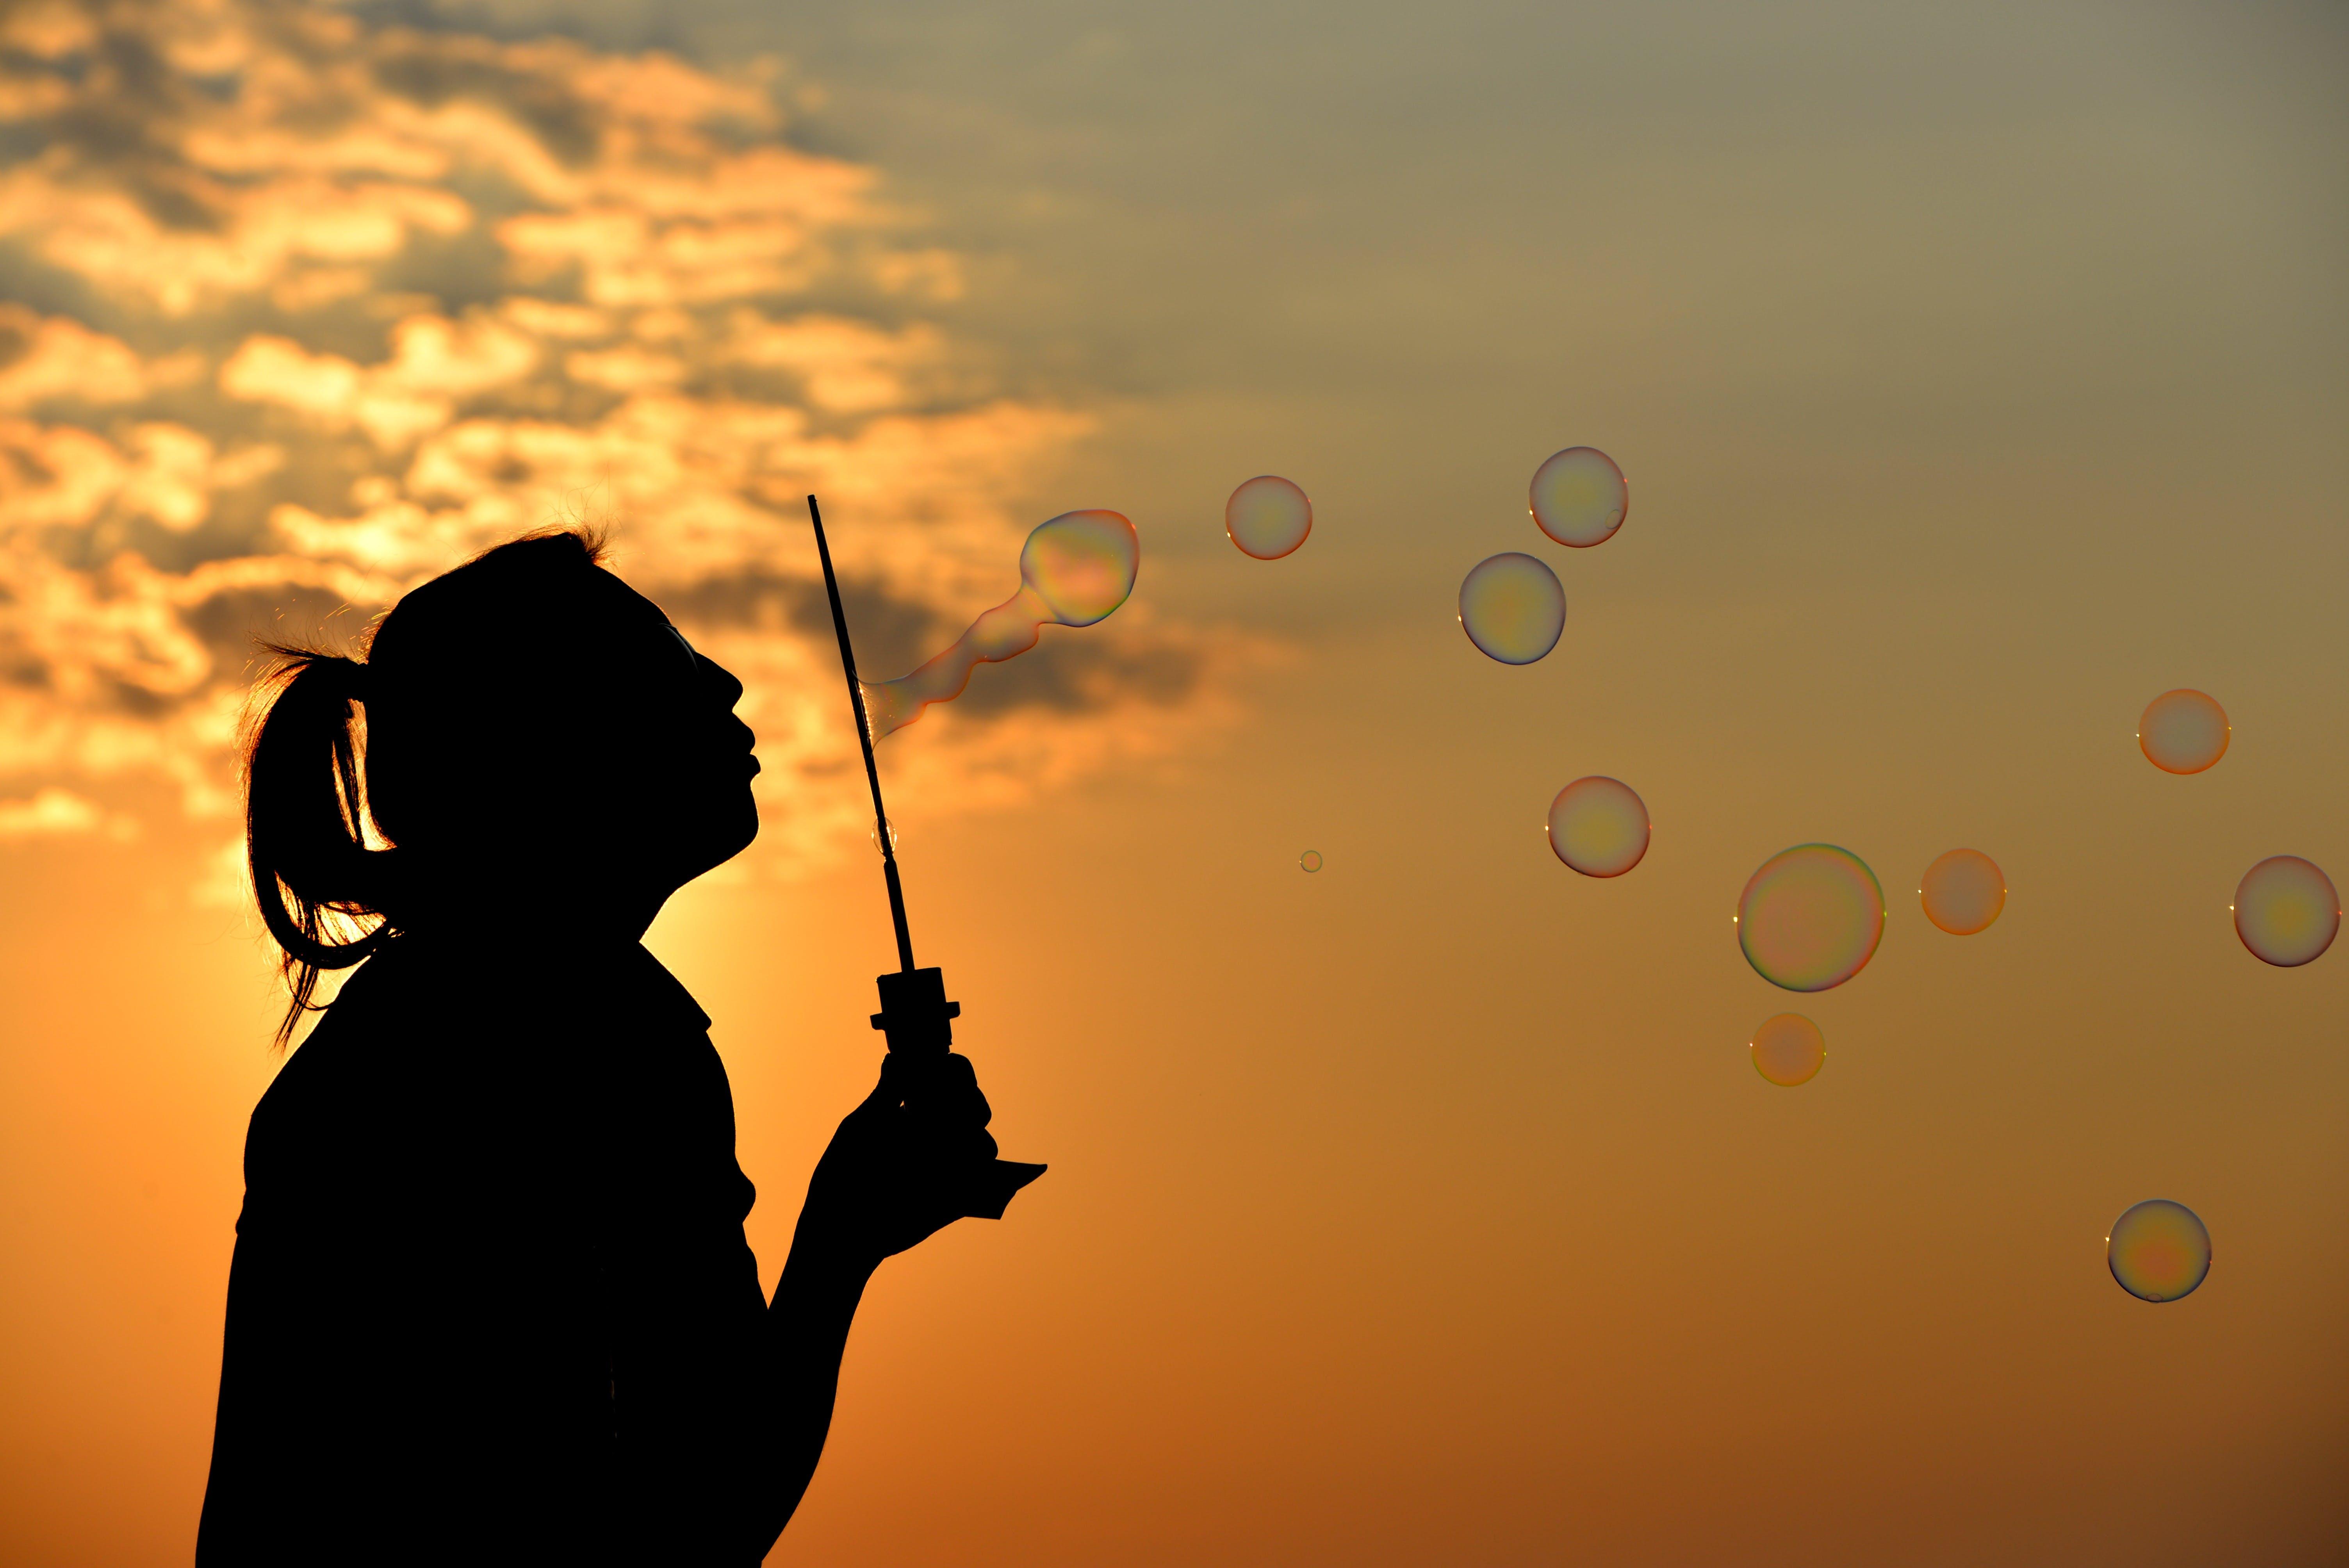 blowing, blowing bubbles, bubbles